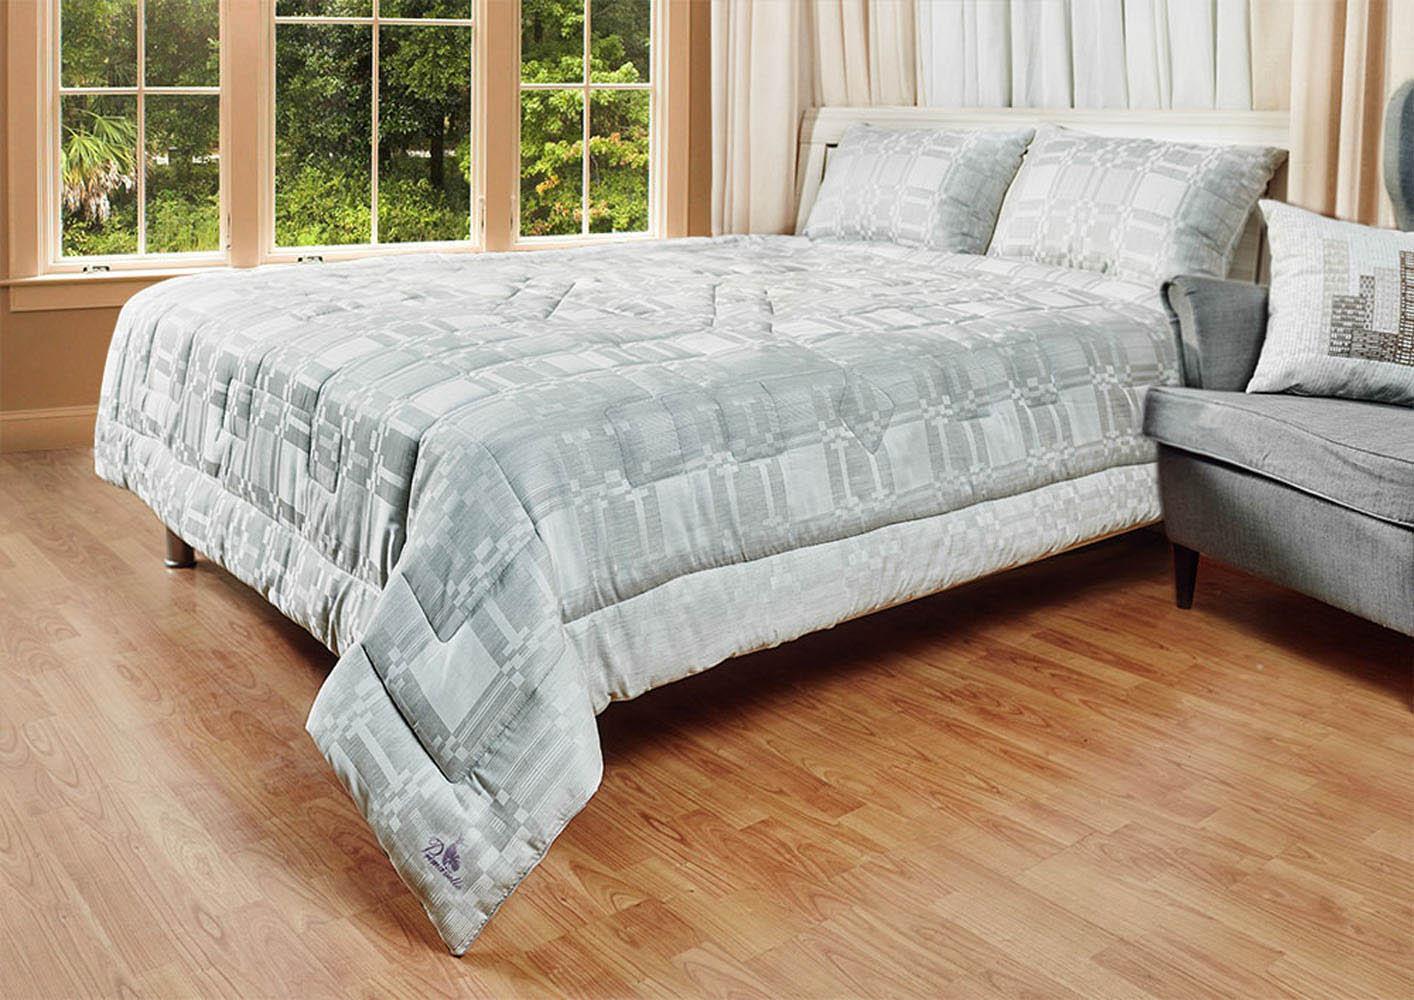 Одеяла Primavelle Одеяло Lino Цвет: Светло-Серый (140х205 см) одеяло лен хлопок облегченное размер 1 5 спальное 140х205 см